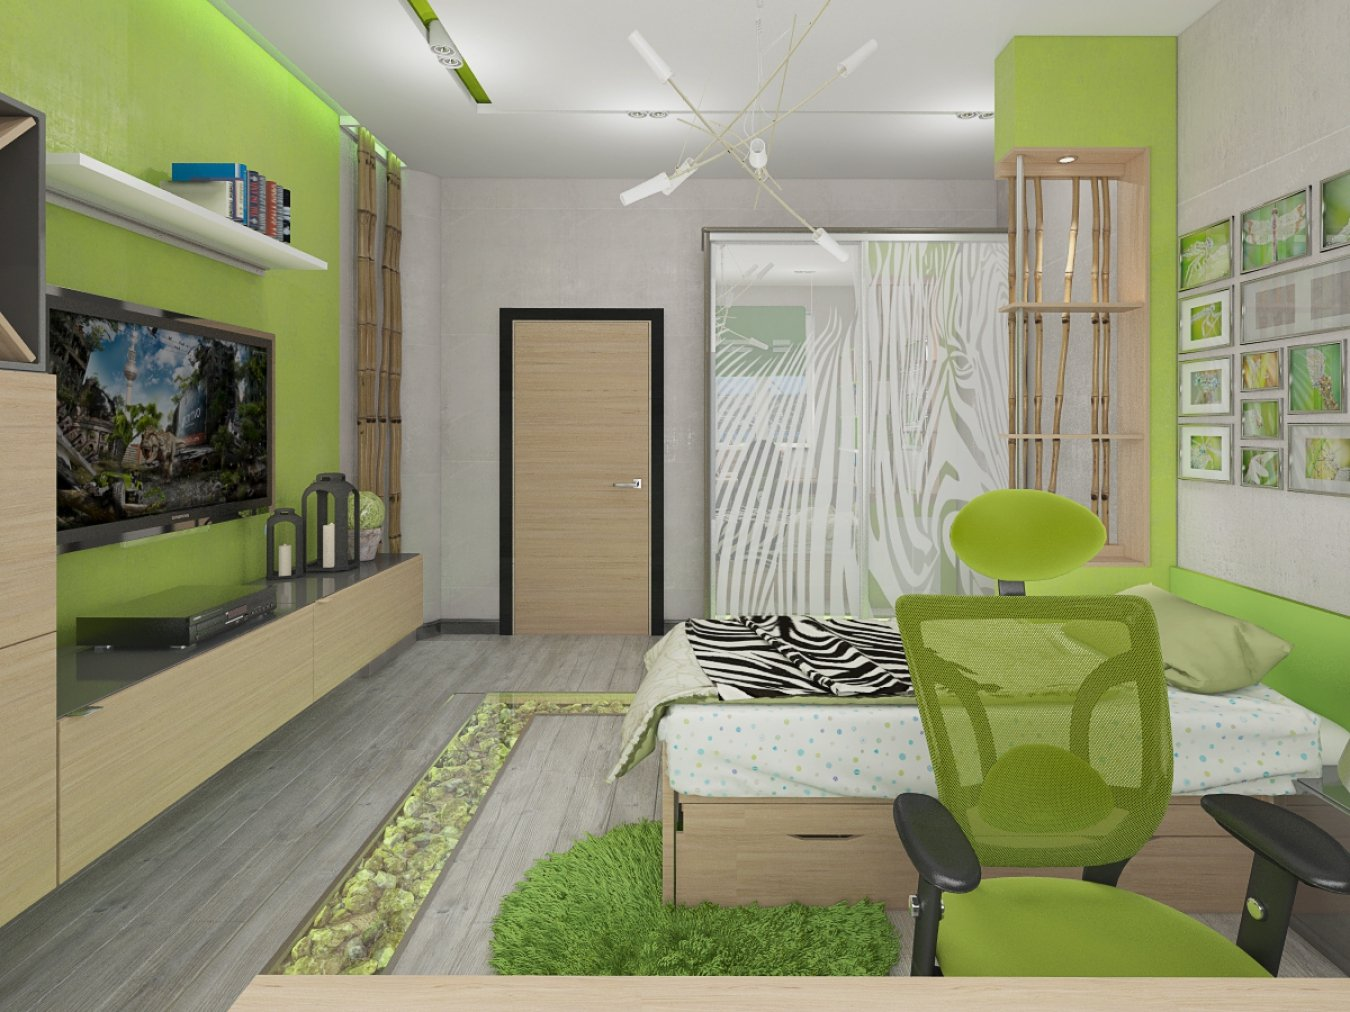 Варианты оформления комнаты обоями зеленых цветов